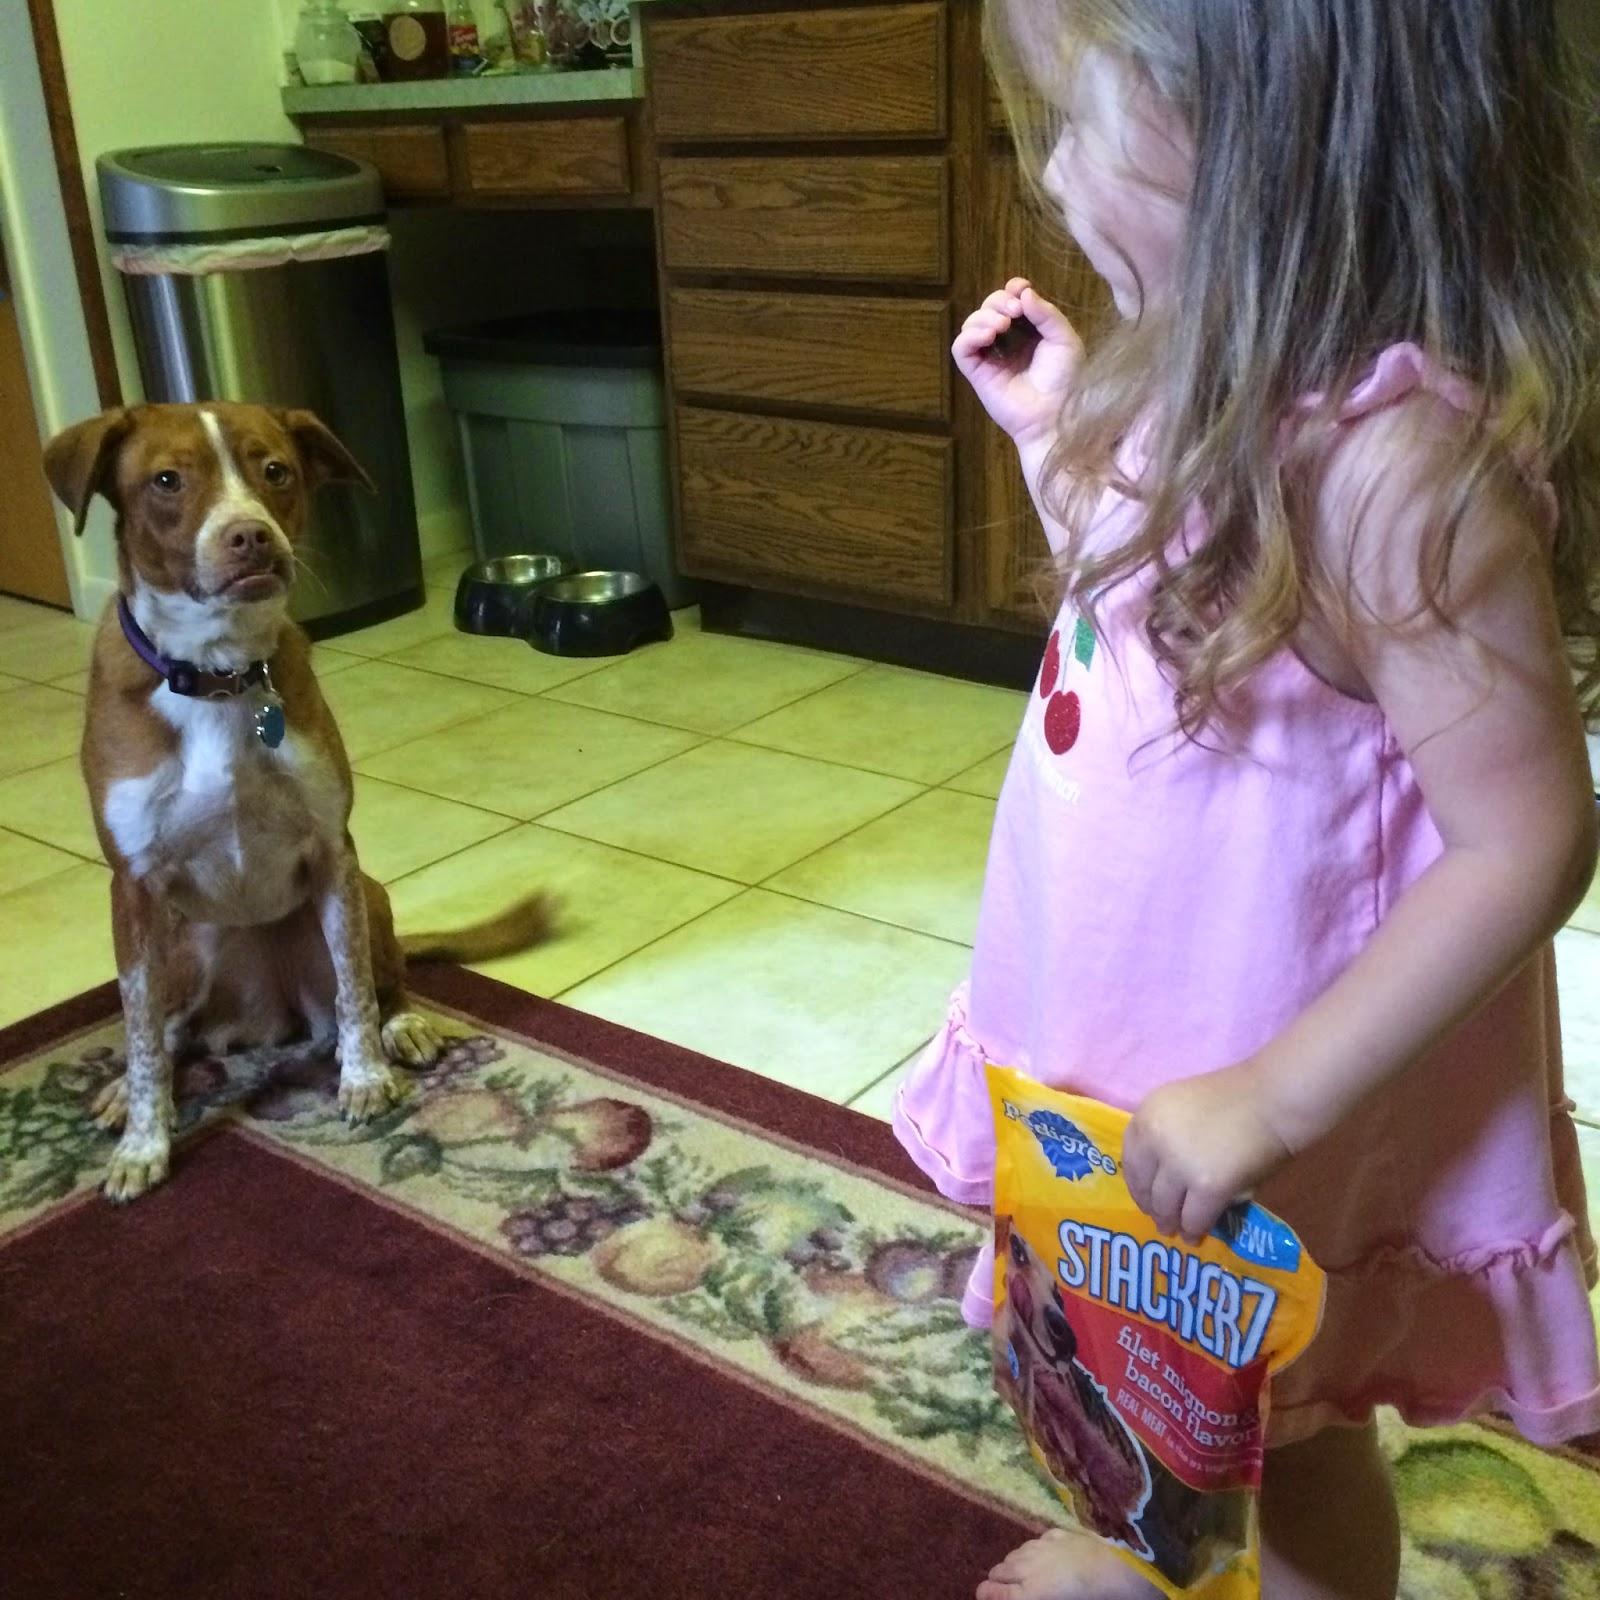 feeding dog #stackerz dog treat